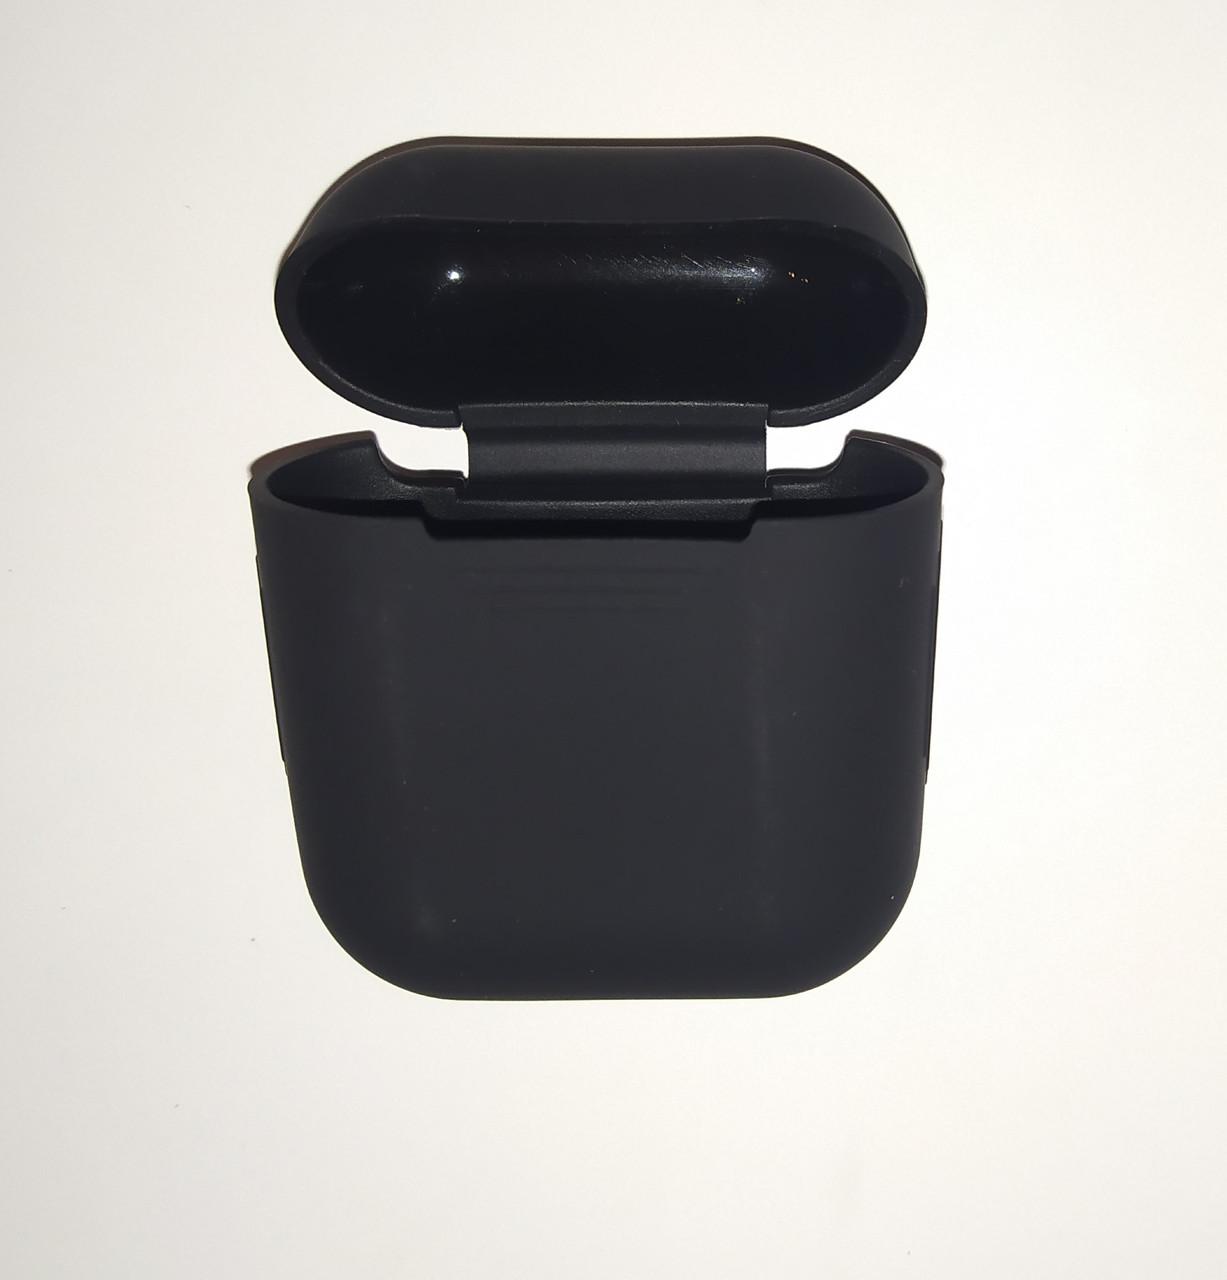 Чехол на AirPods черный, силиконовый